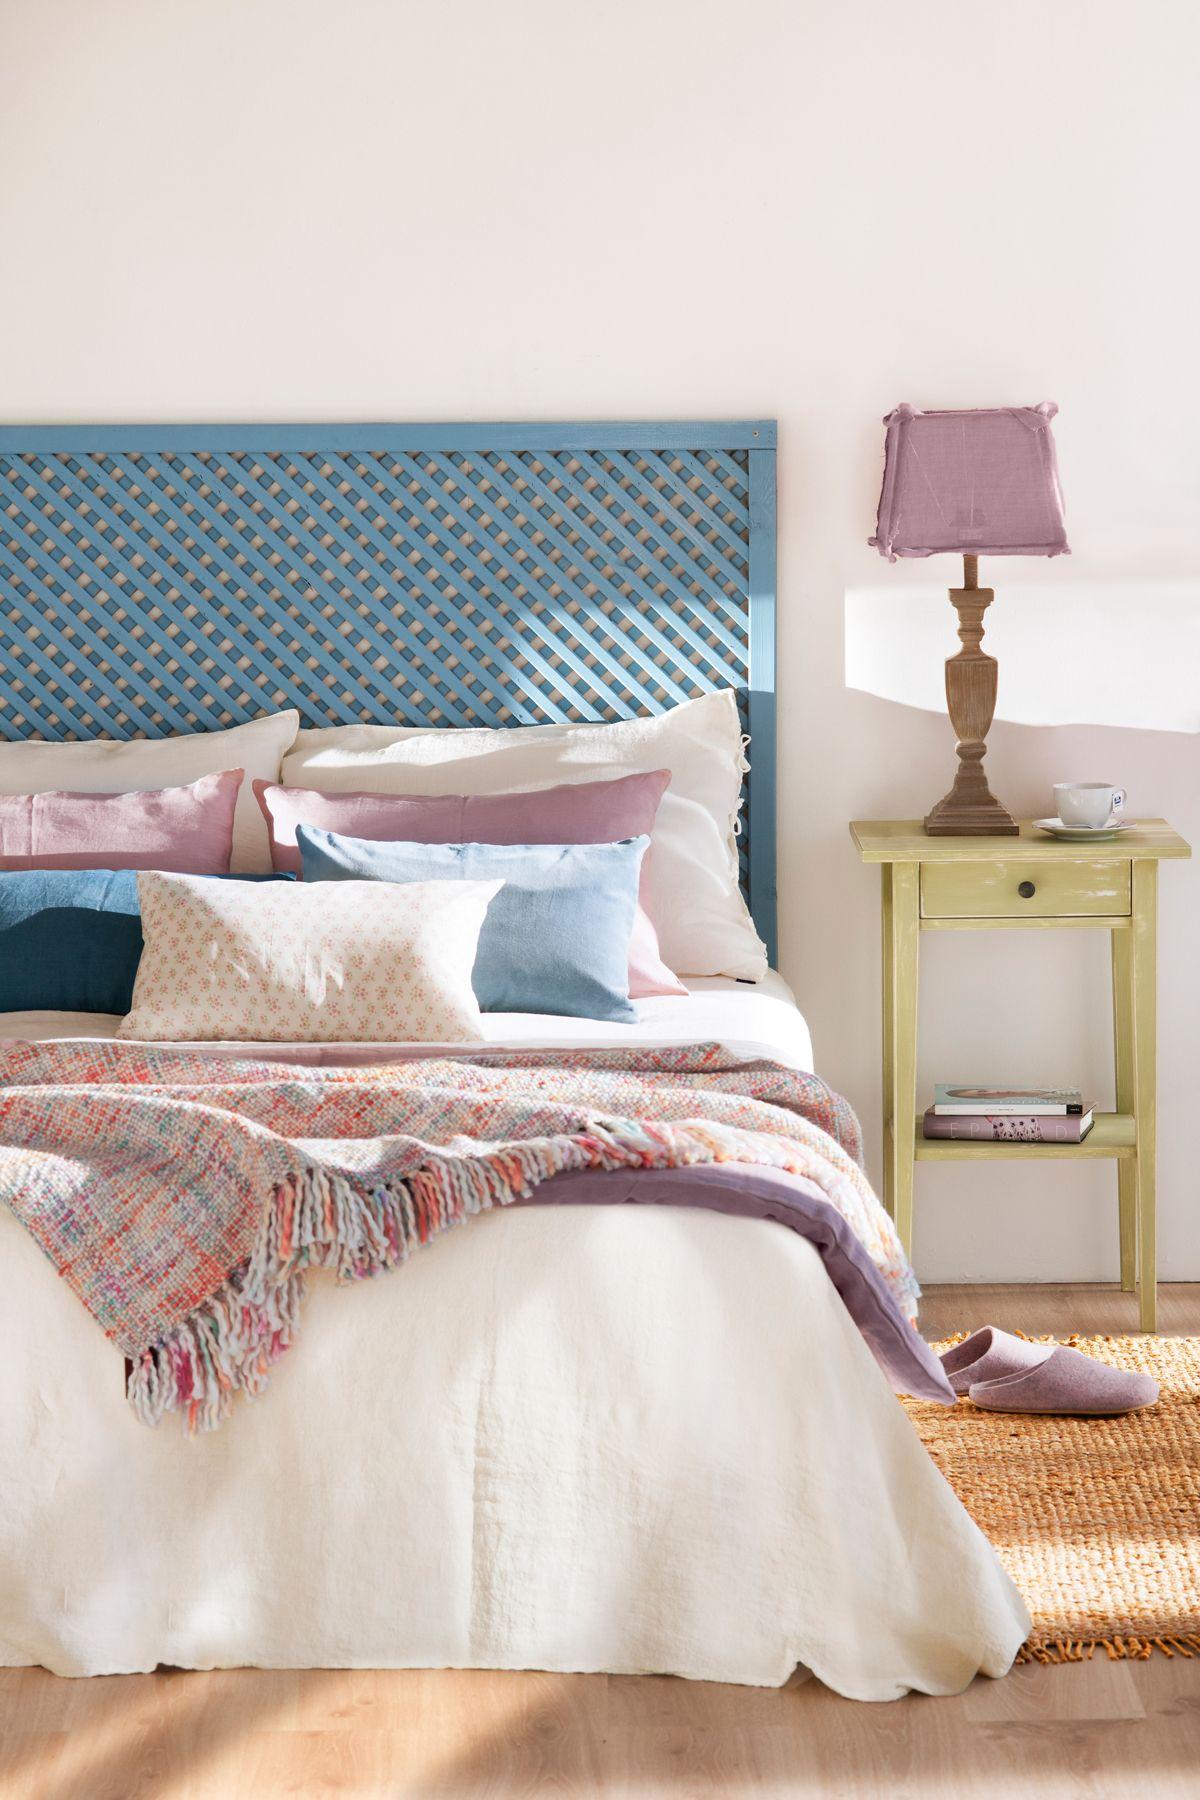 Cama con cabecero de madera pintado en azul y mesita - Cabecero cama pintado ...